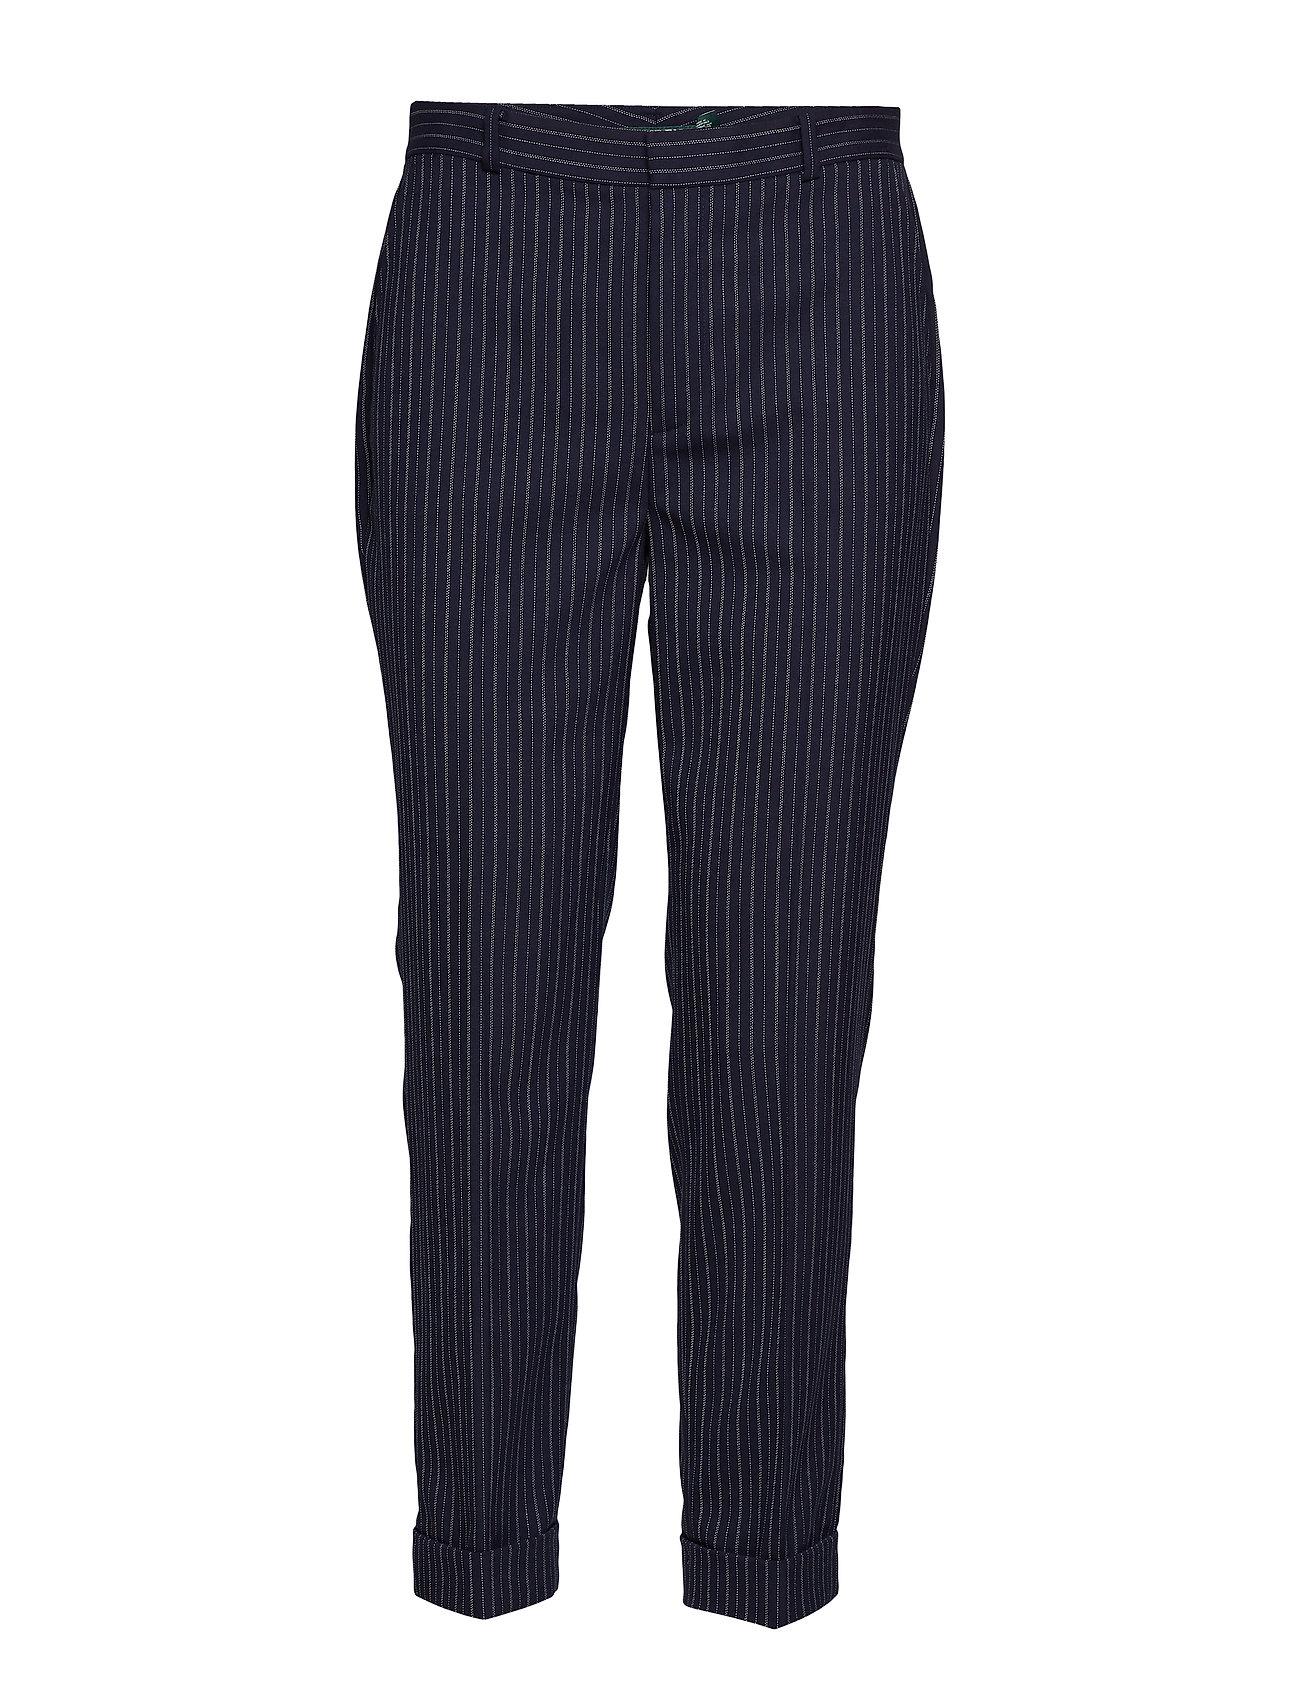 Lauren Ralph Lauren Wool-Blend Skinny Pant - LAUREN NAVY/SILK